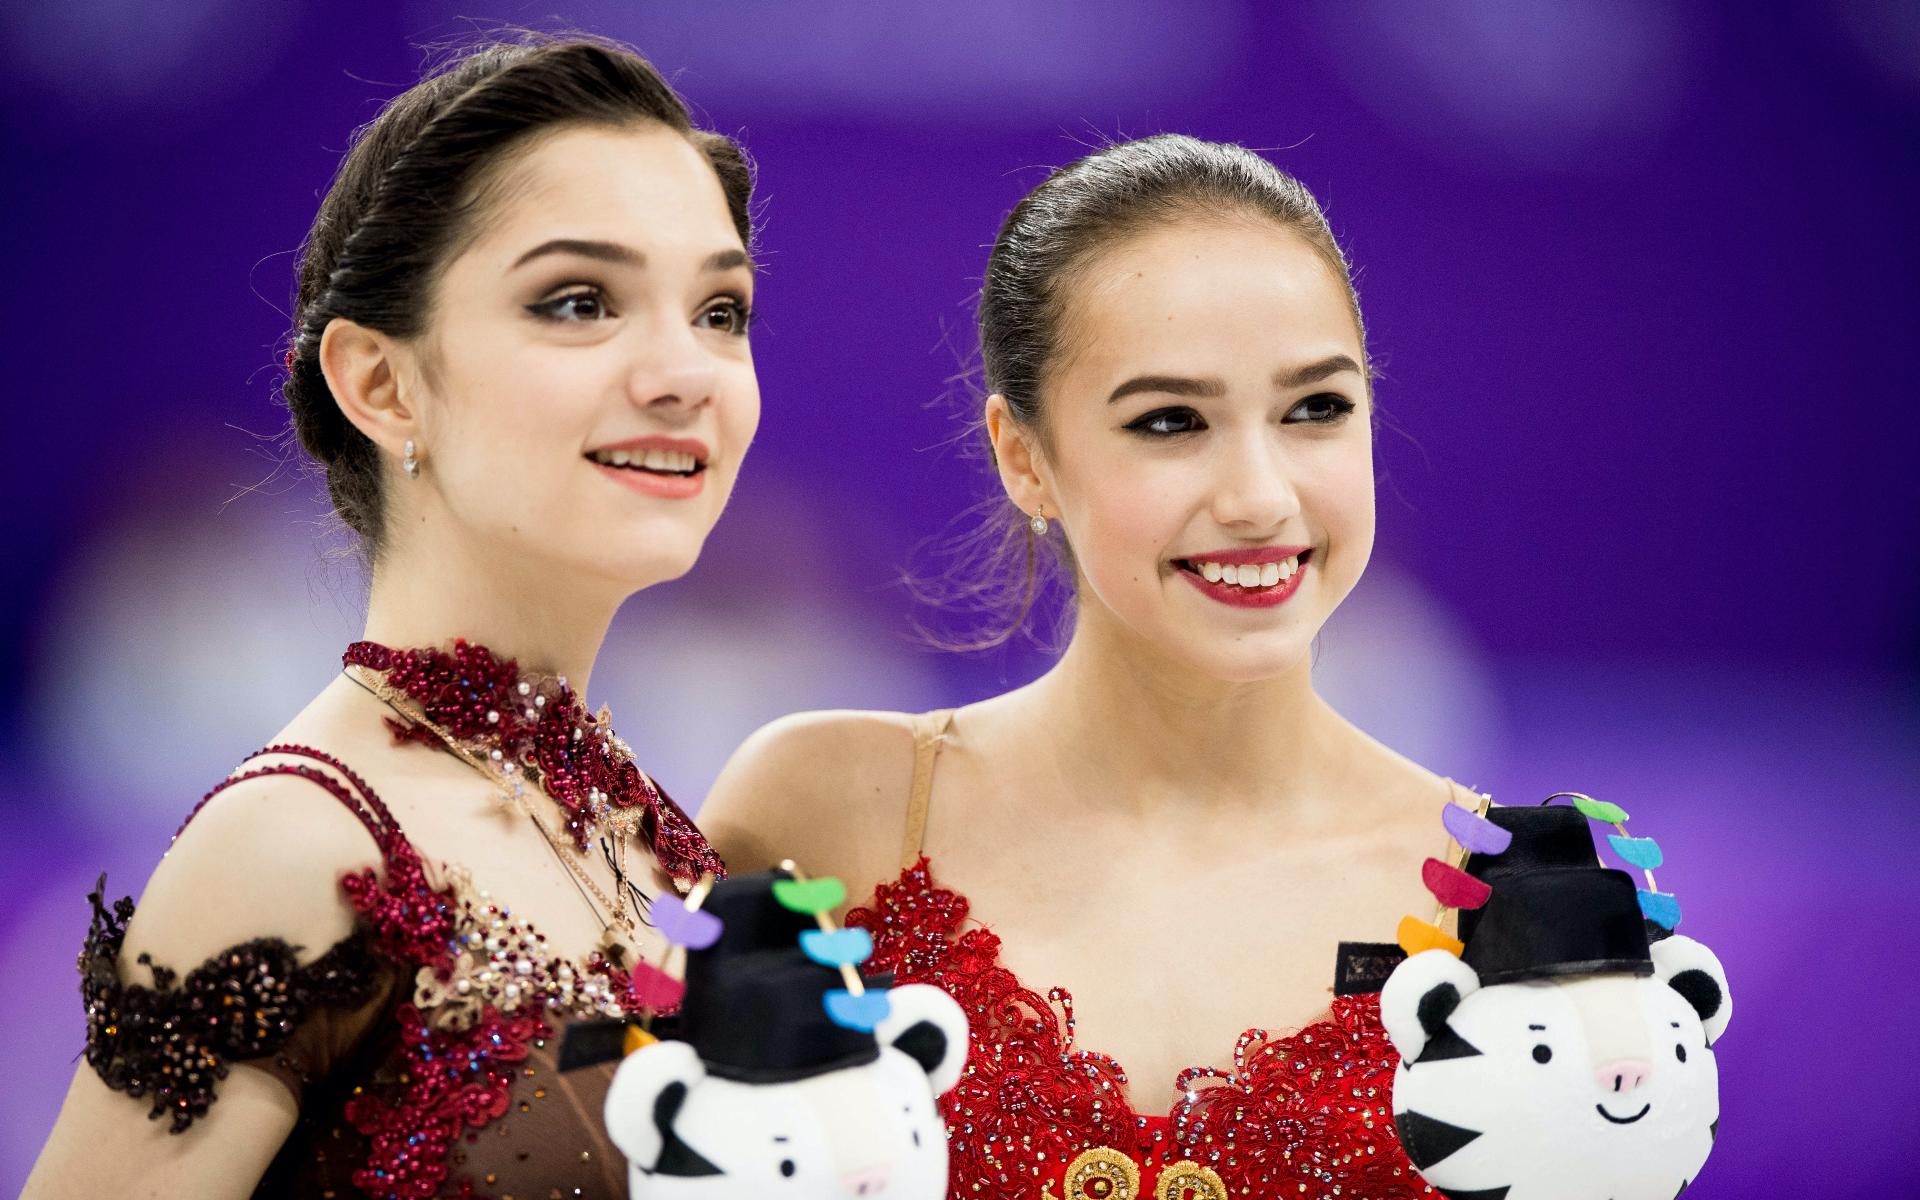 Фото:Евгения Медведева и Алина Загитова (Фото: ТАСС)